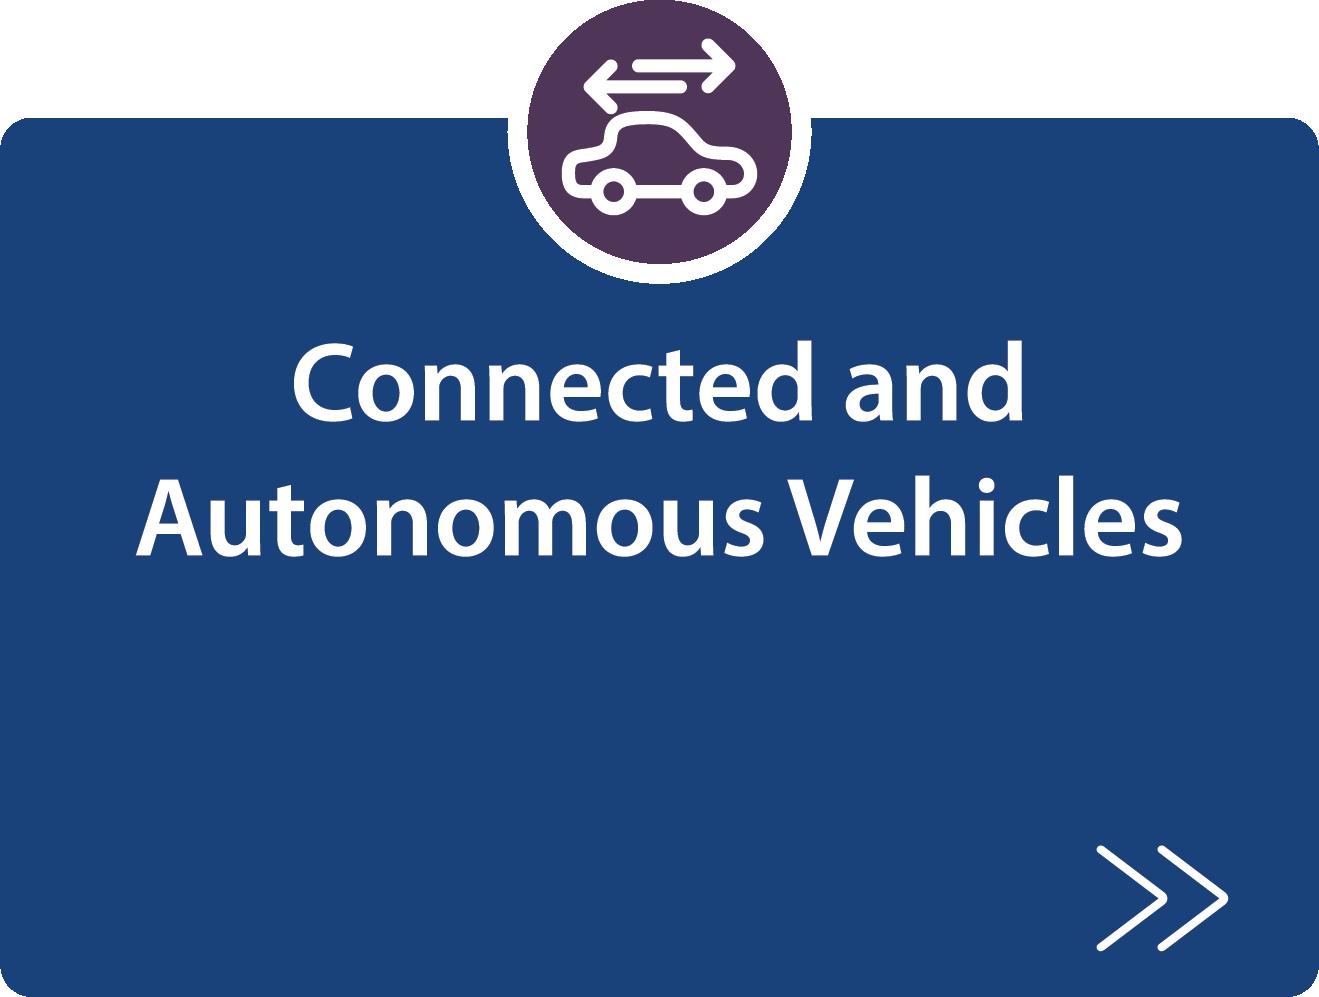 Connected an Autonomous Vehicles strategy description